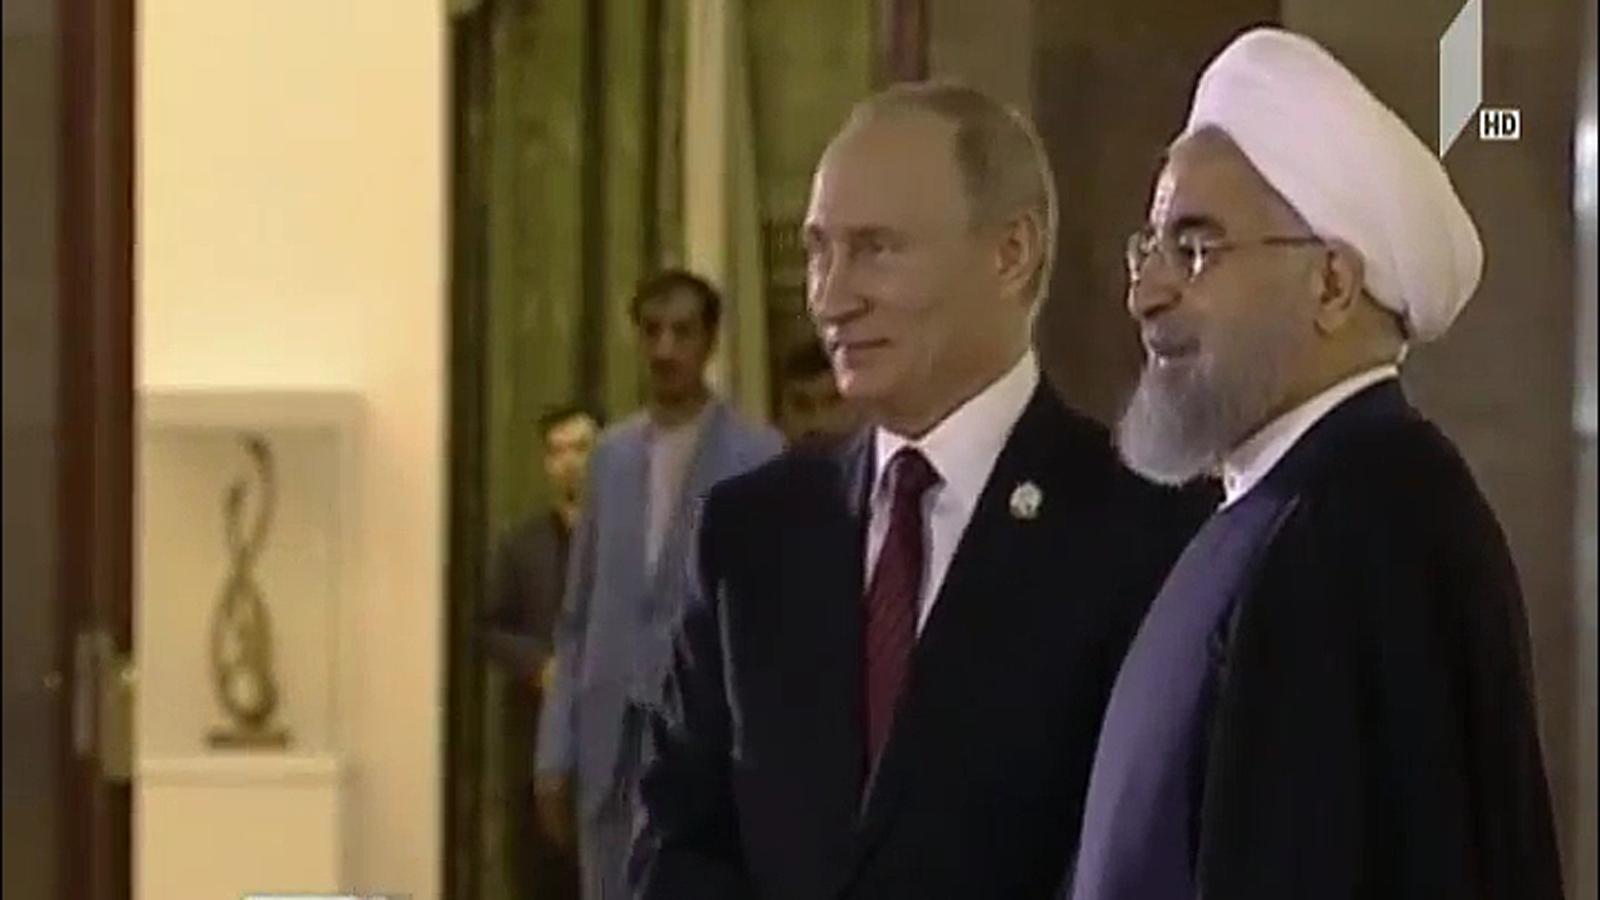 რა საკითხები განიხილა რუსეთის პრეზიდენტმა ირანელ კოლეგასთან